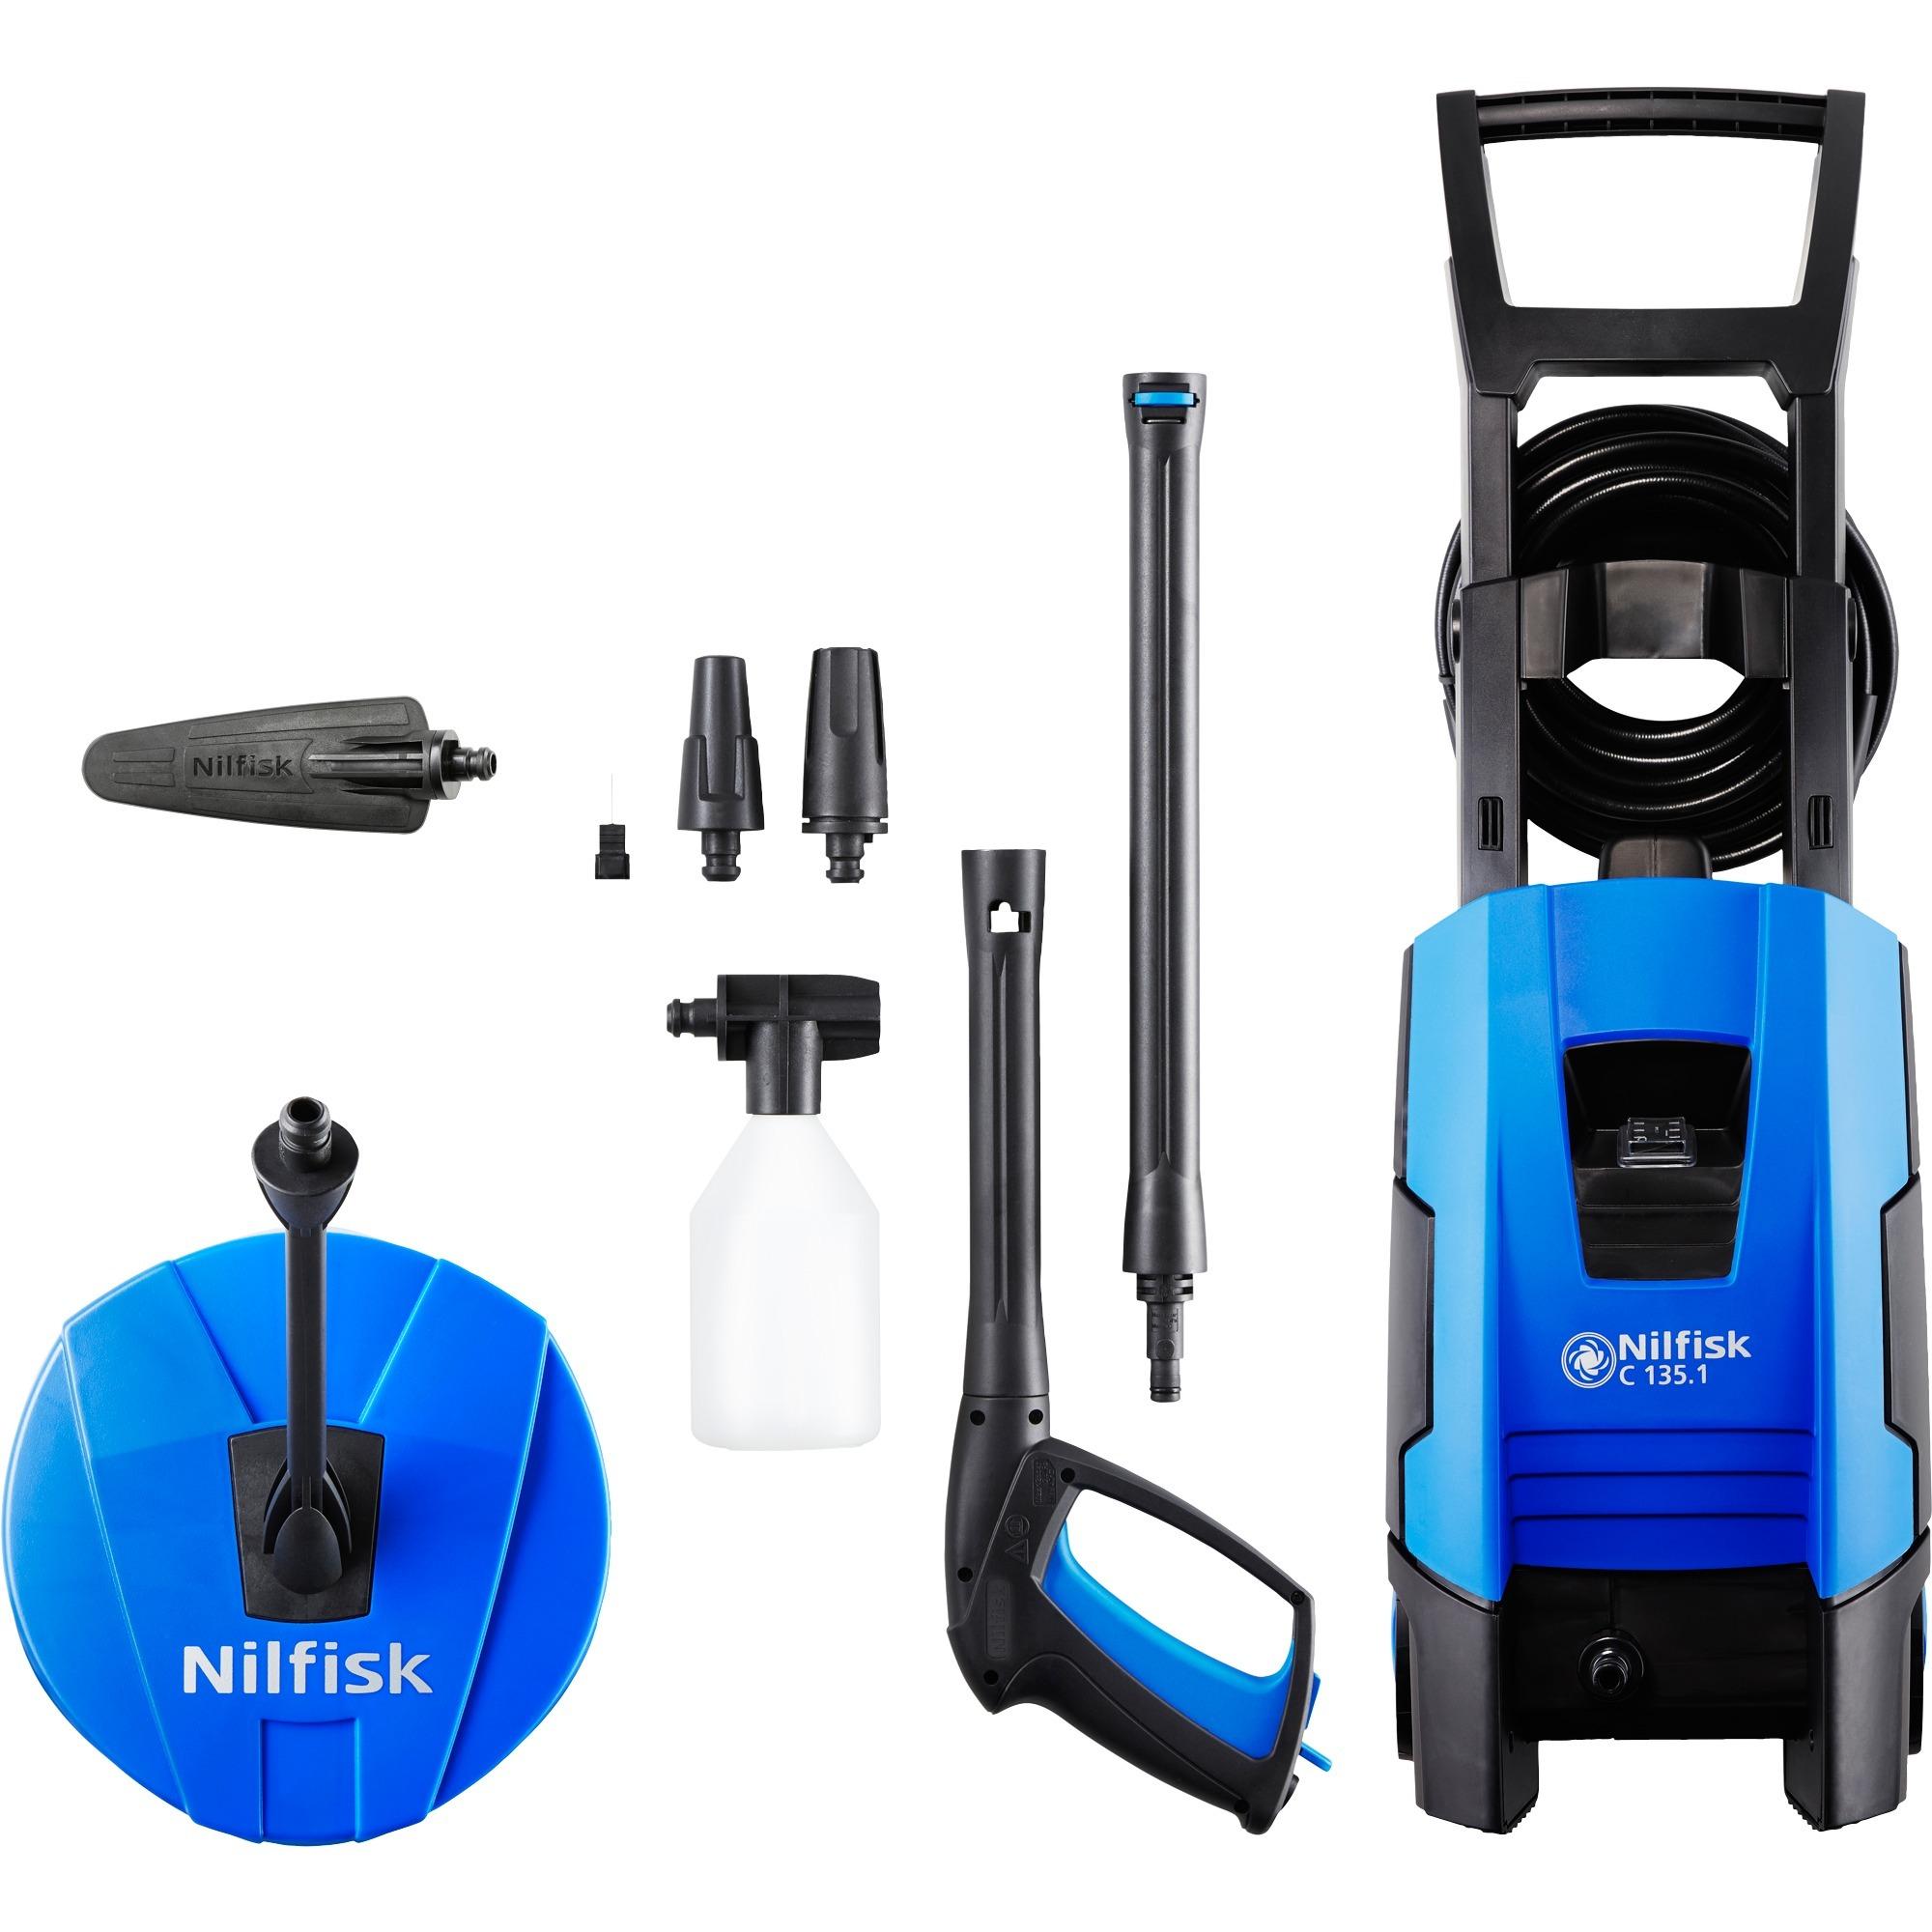 C 135.1 Vertical Eléctrico 520l/h 7800W Negro, Azul Limpiadora de alta presión o Hidrolimpiadora, Hidrolimpiadora de alta presión